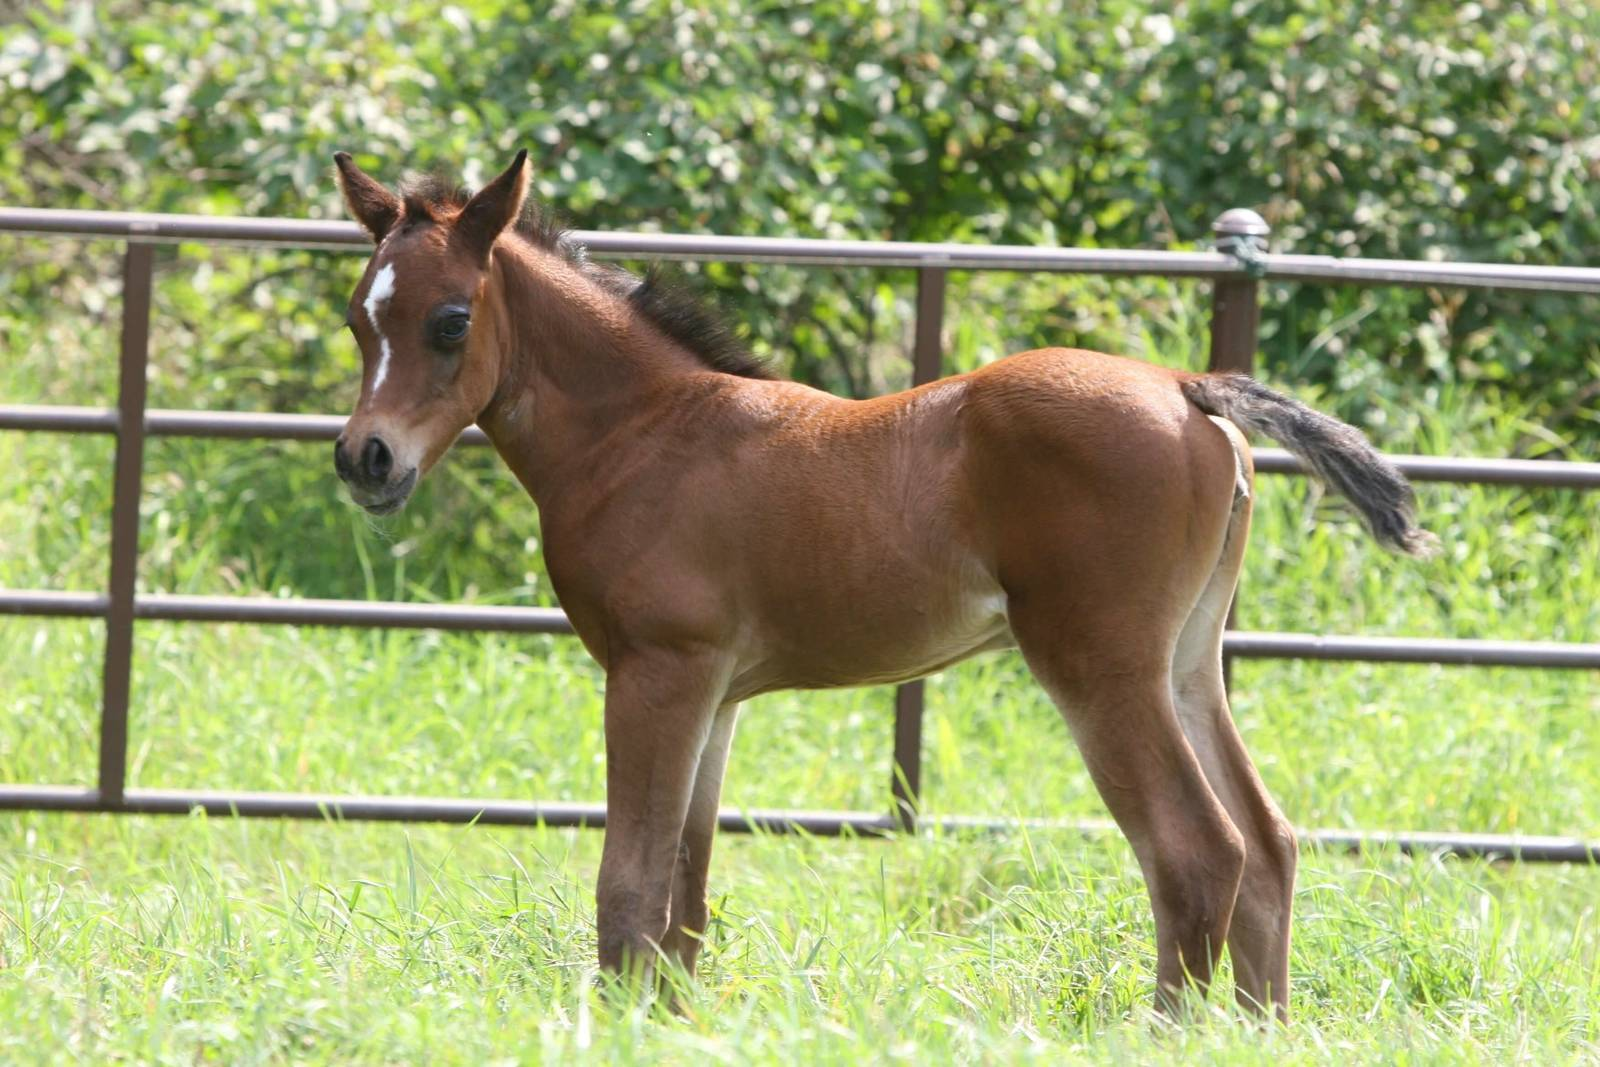 Age 1 week